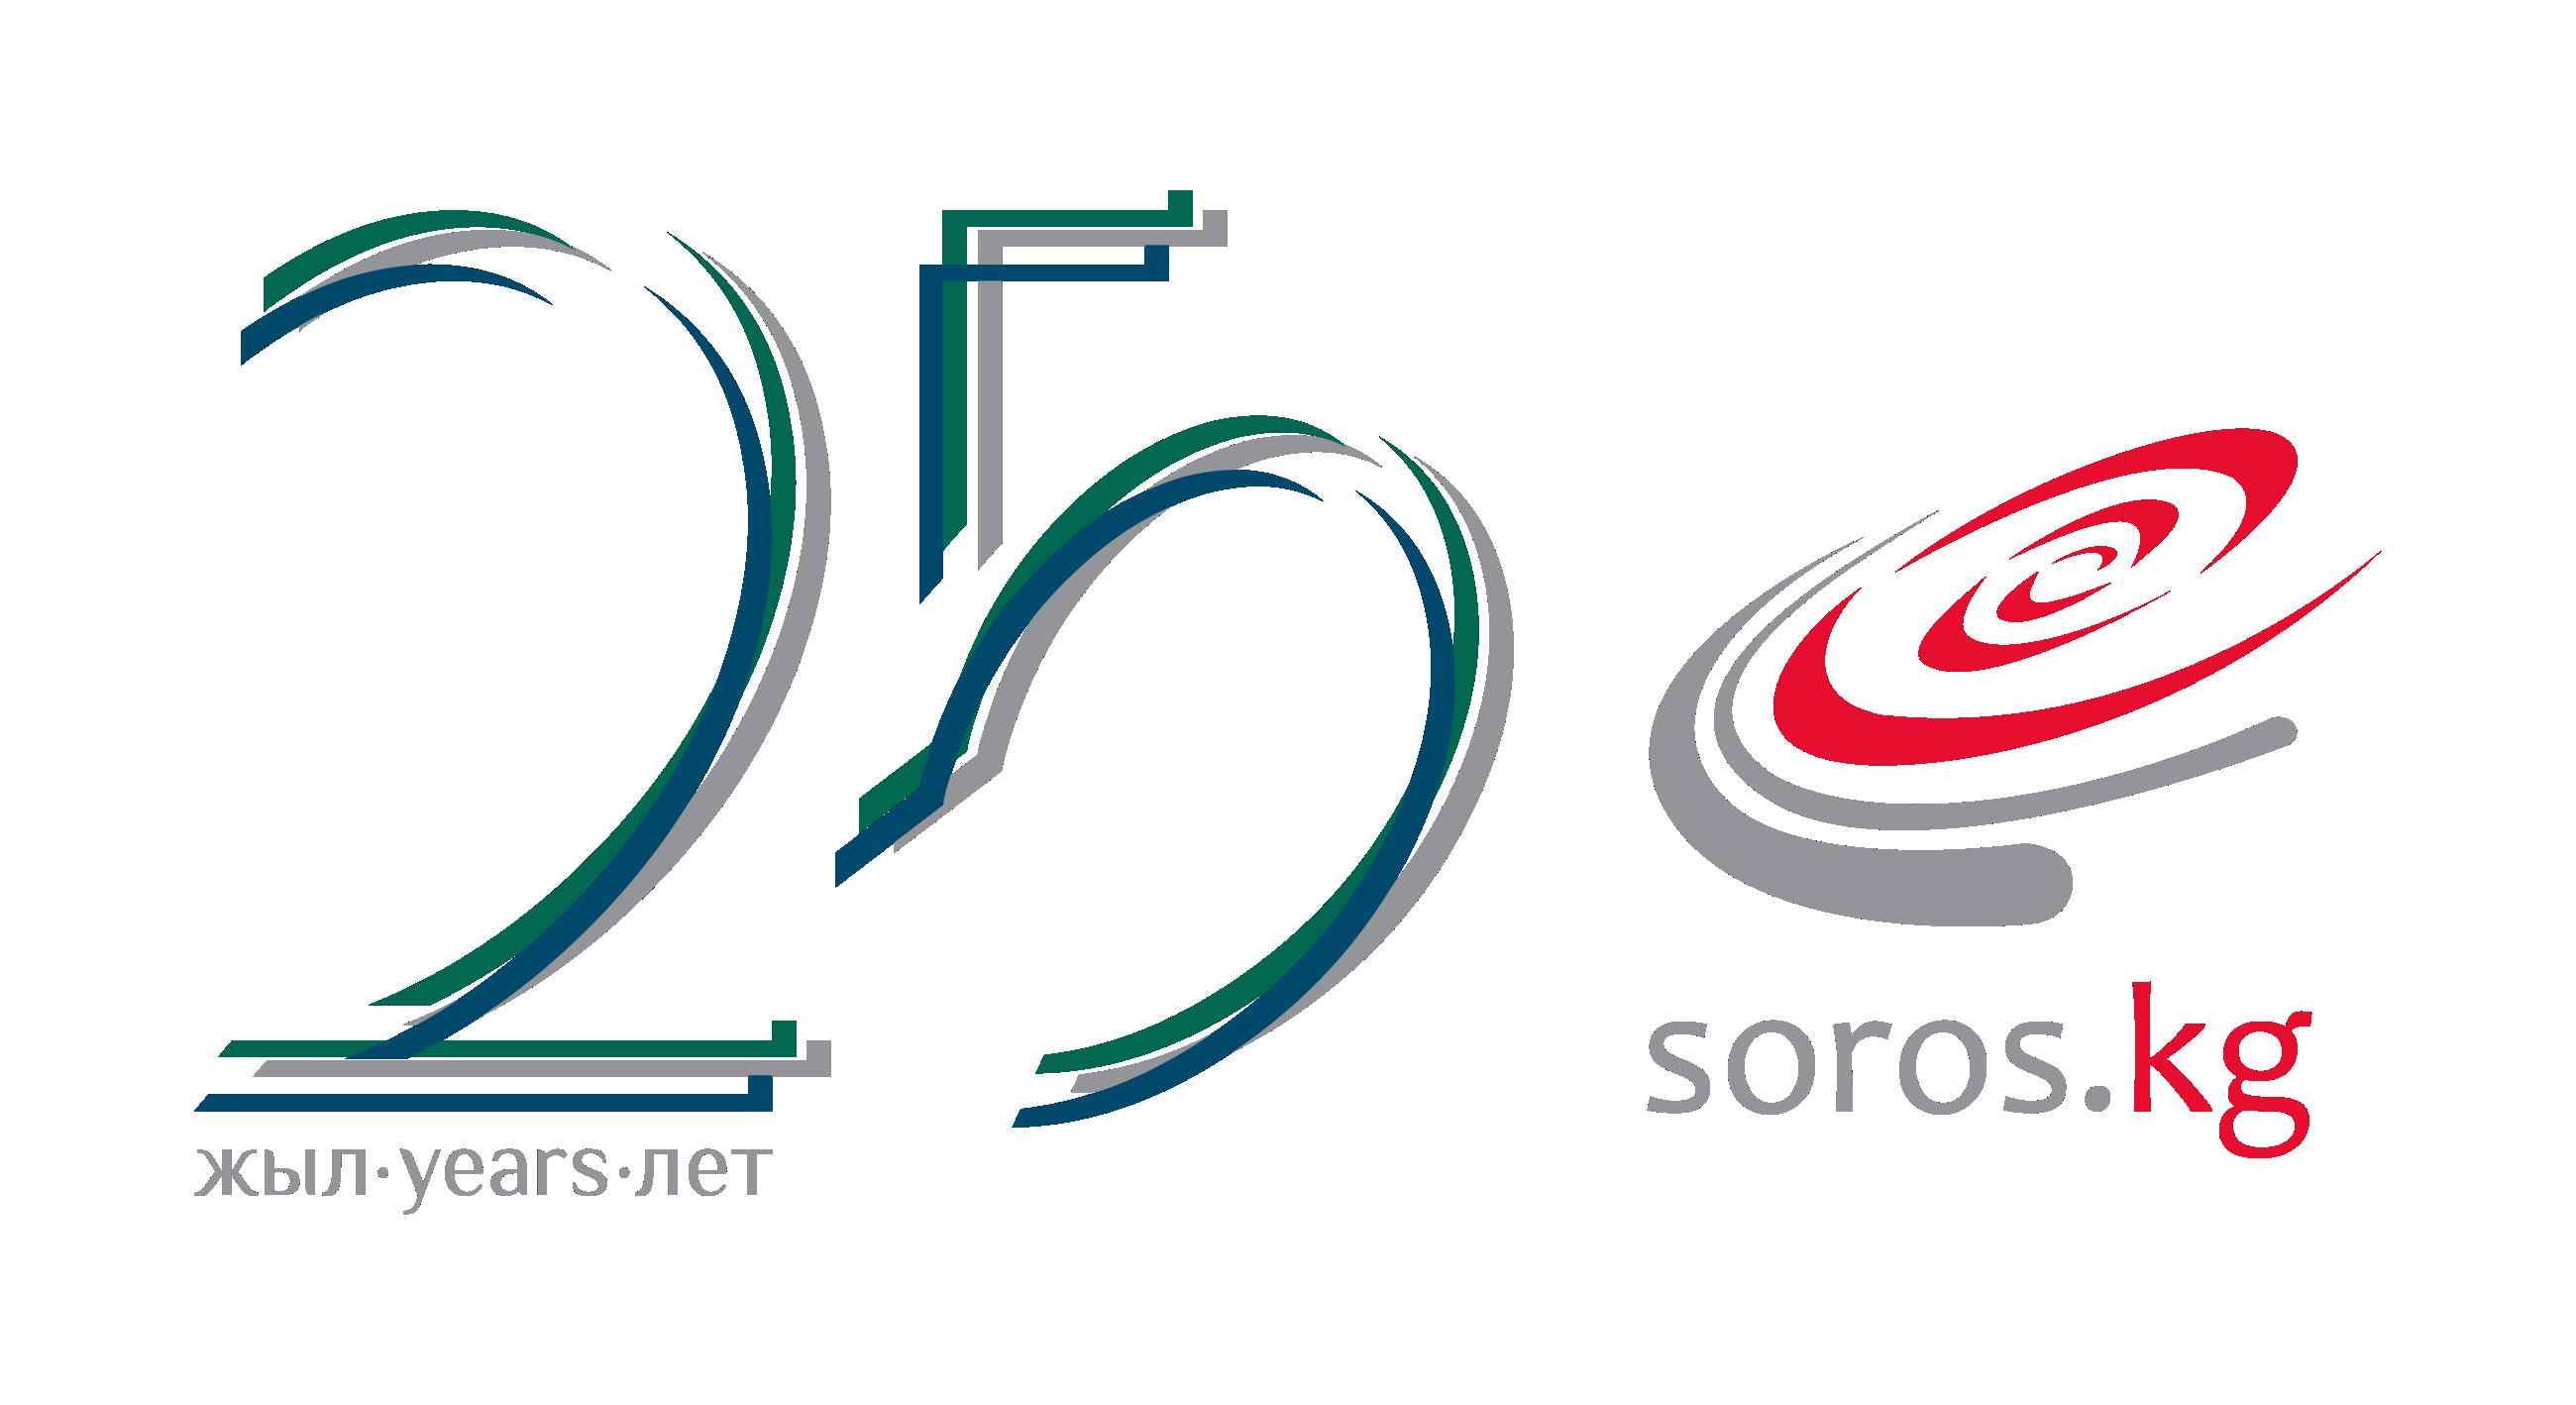 25yrs_Soros_Kyrgyzstan_01